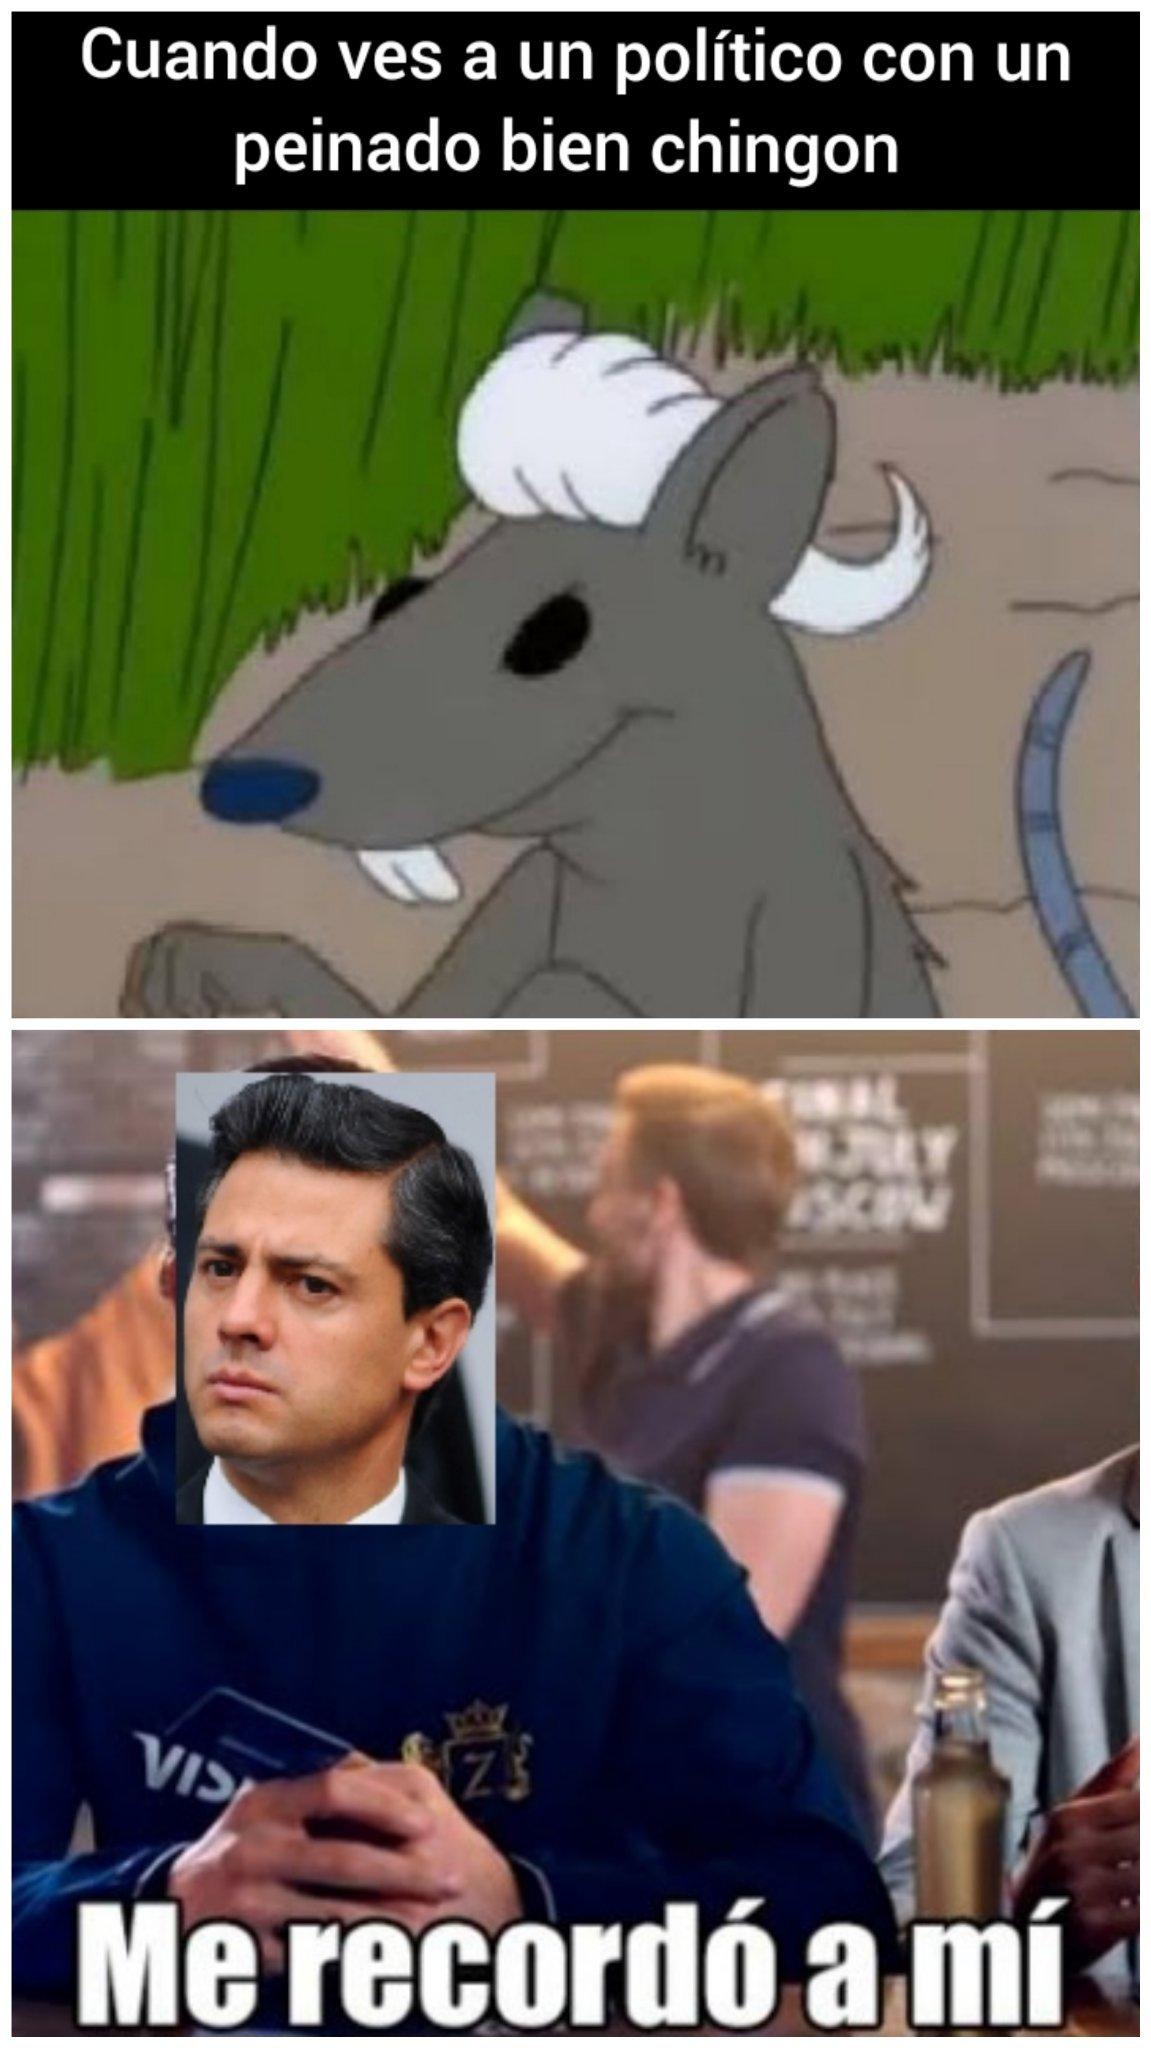 Peña Nieto, me recordó a mi. Jpg - meme